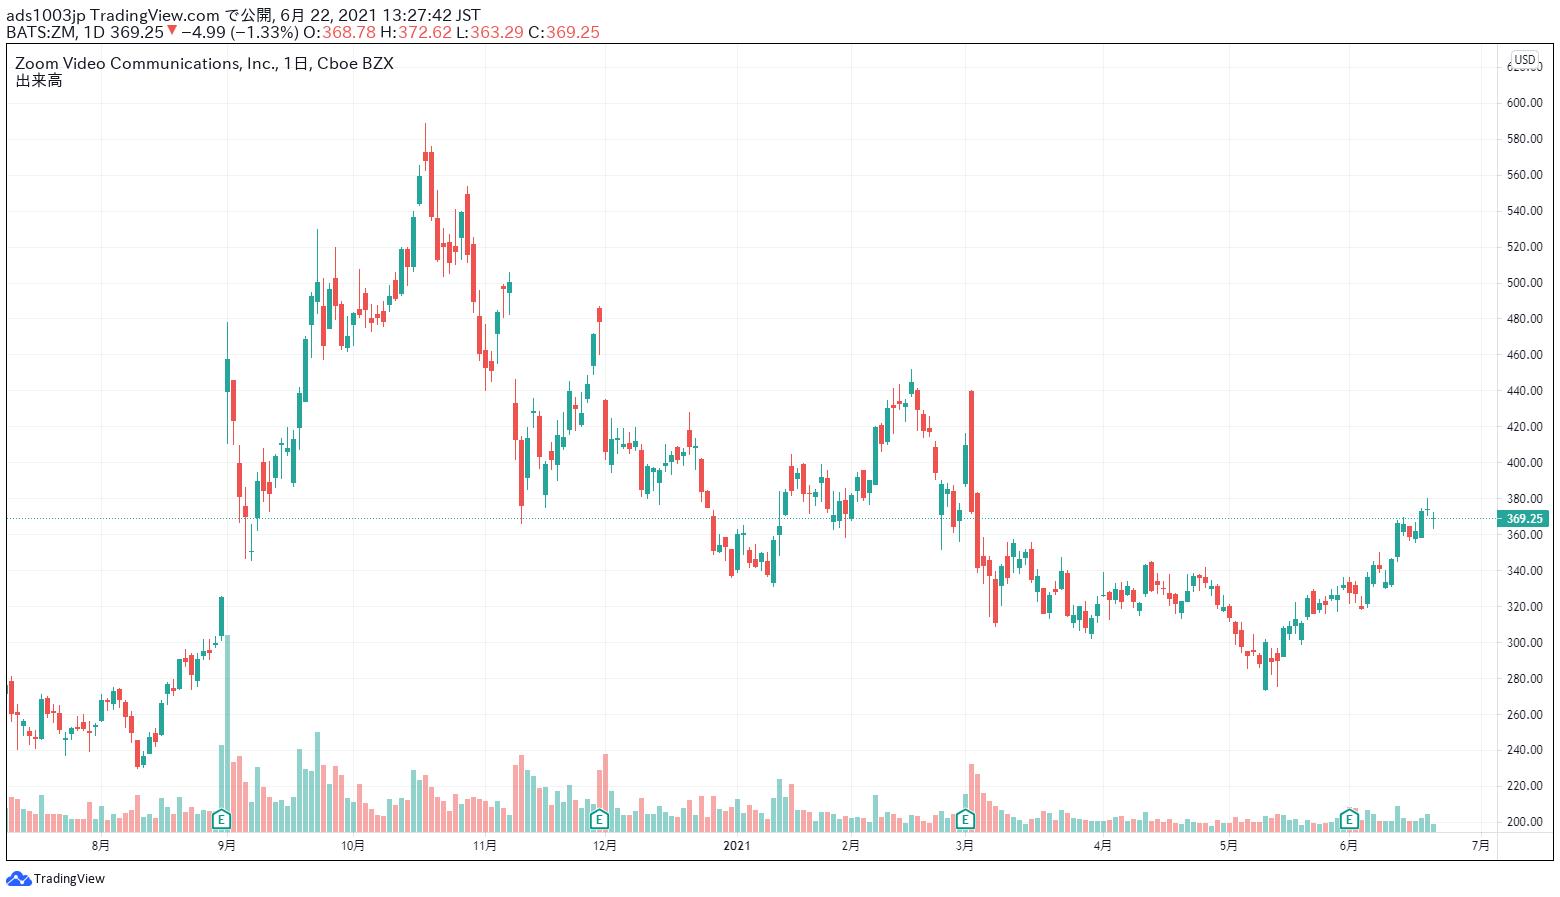 ズーム 株価